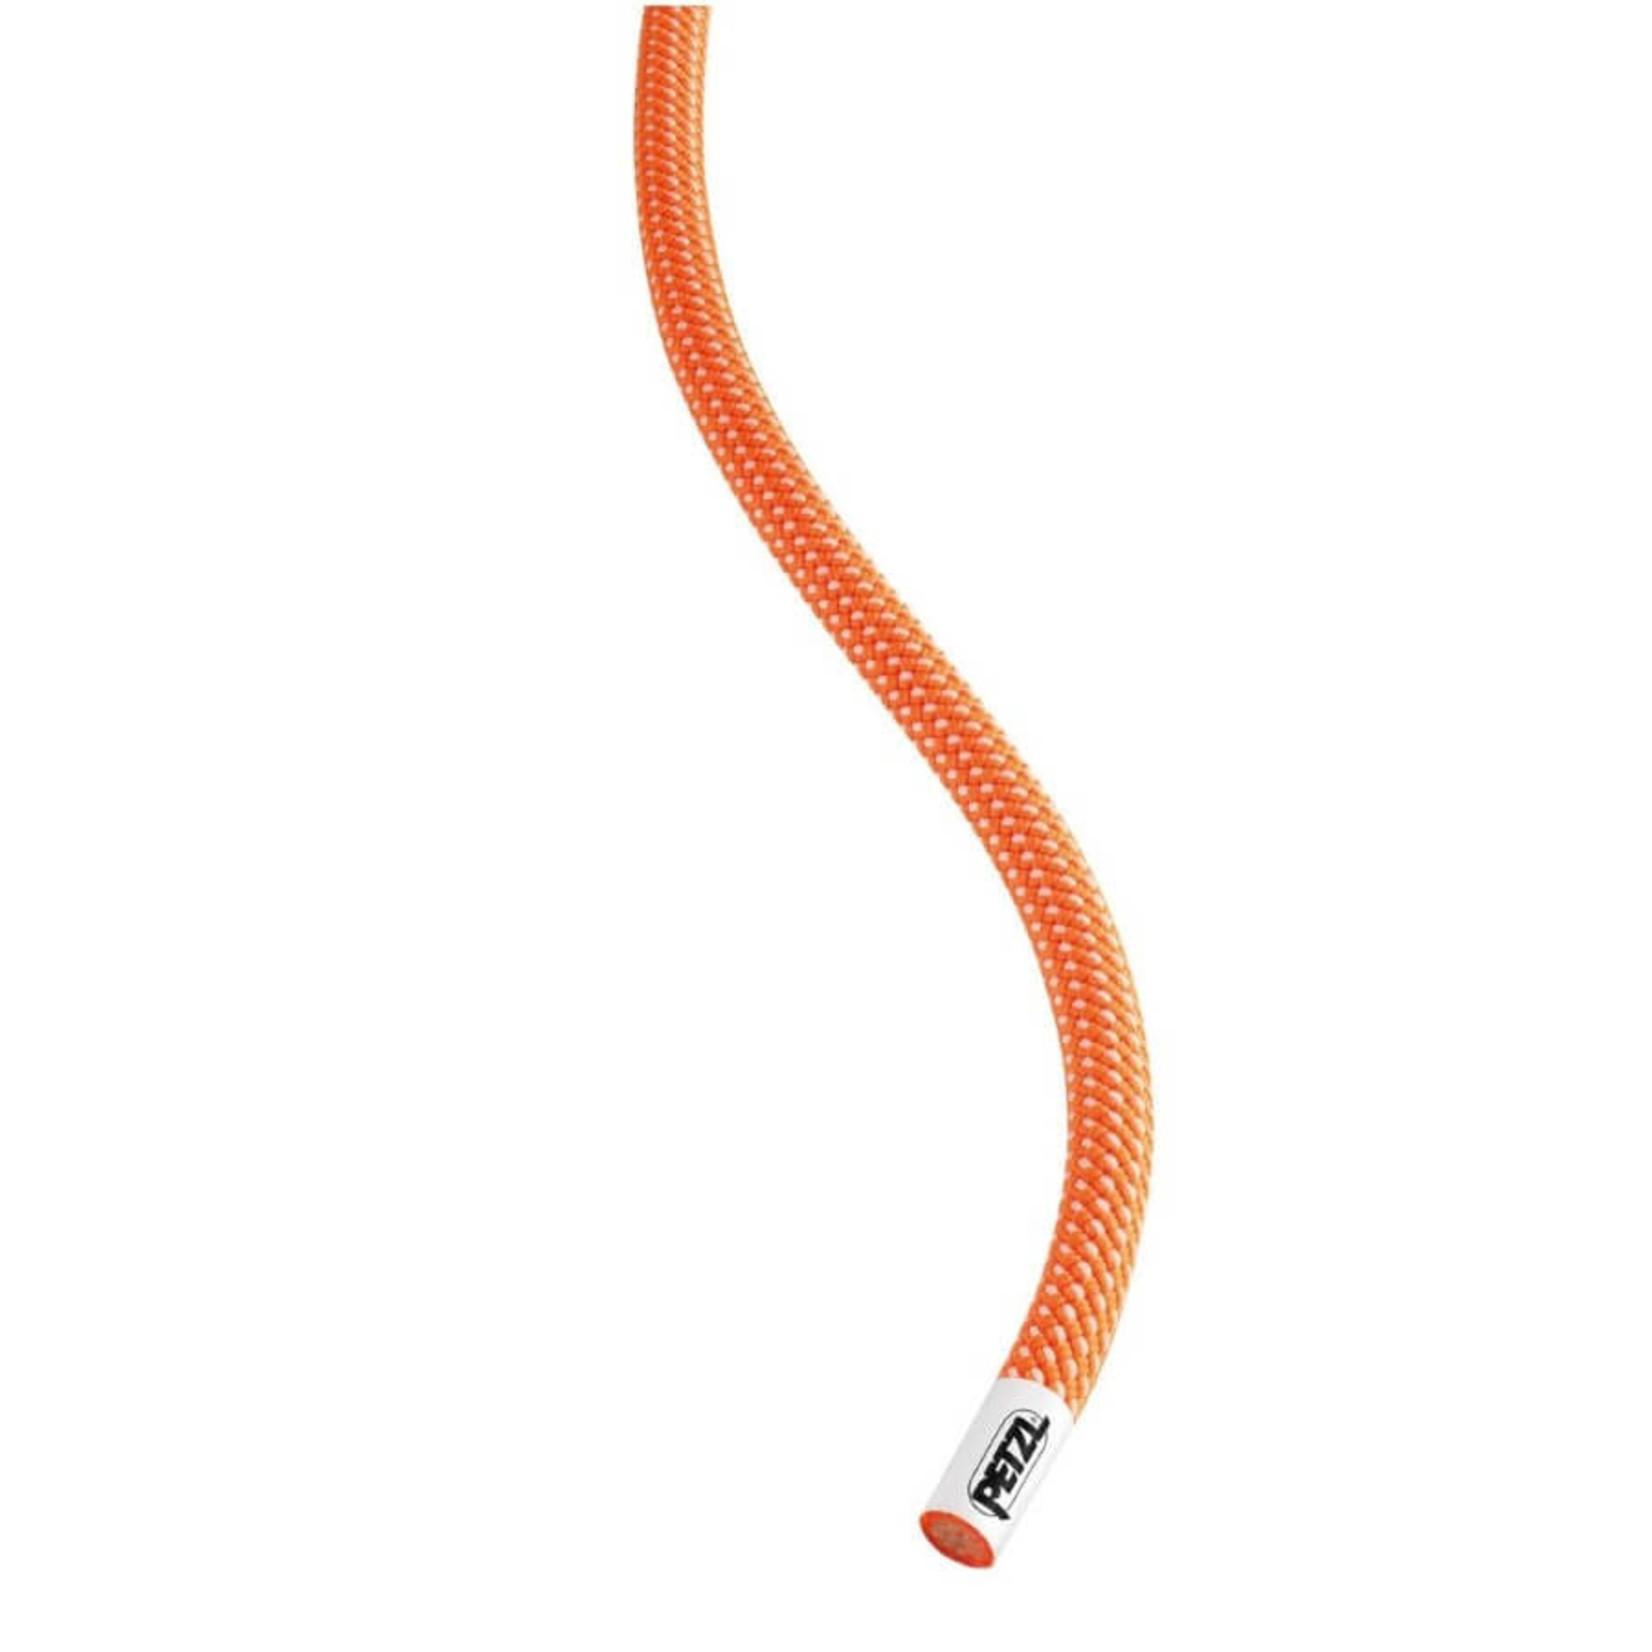 Petzl Corde Petzl Volta 9.2 mm - Dry